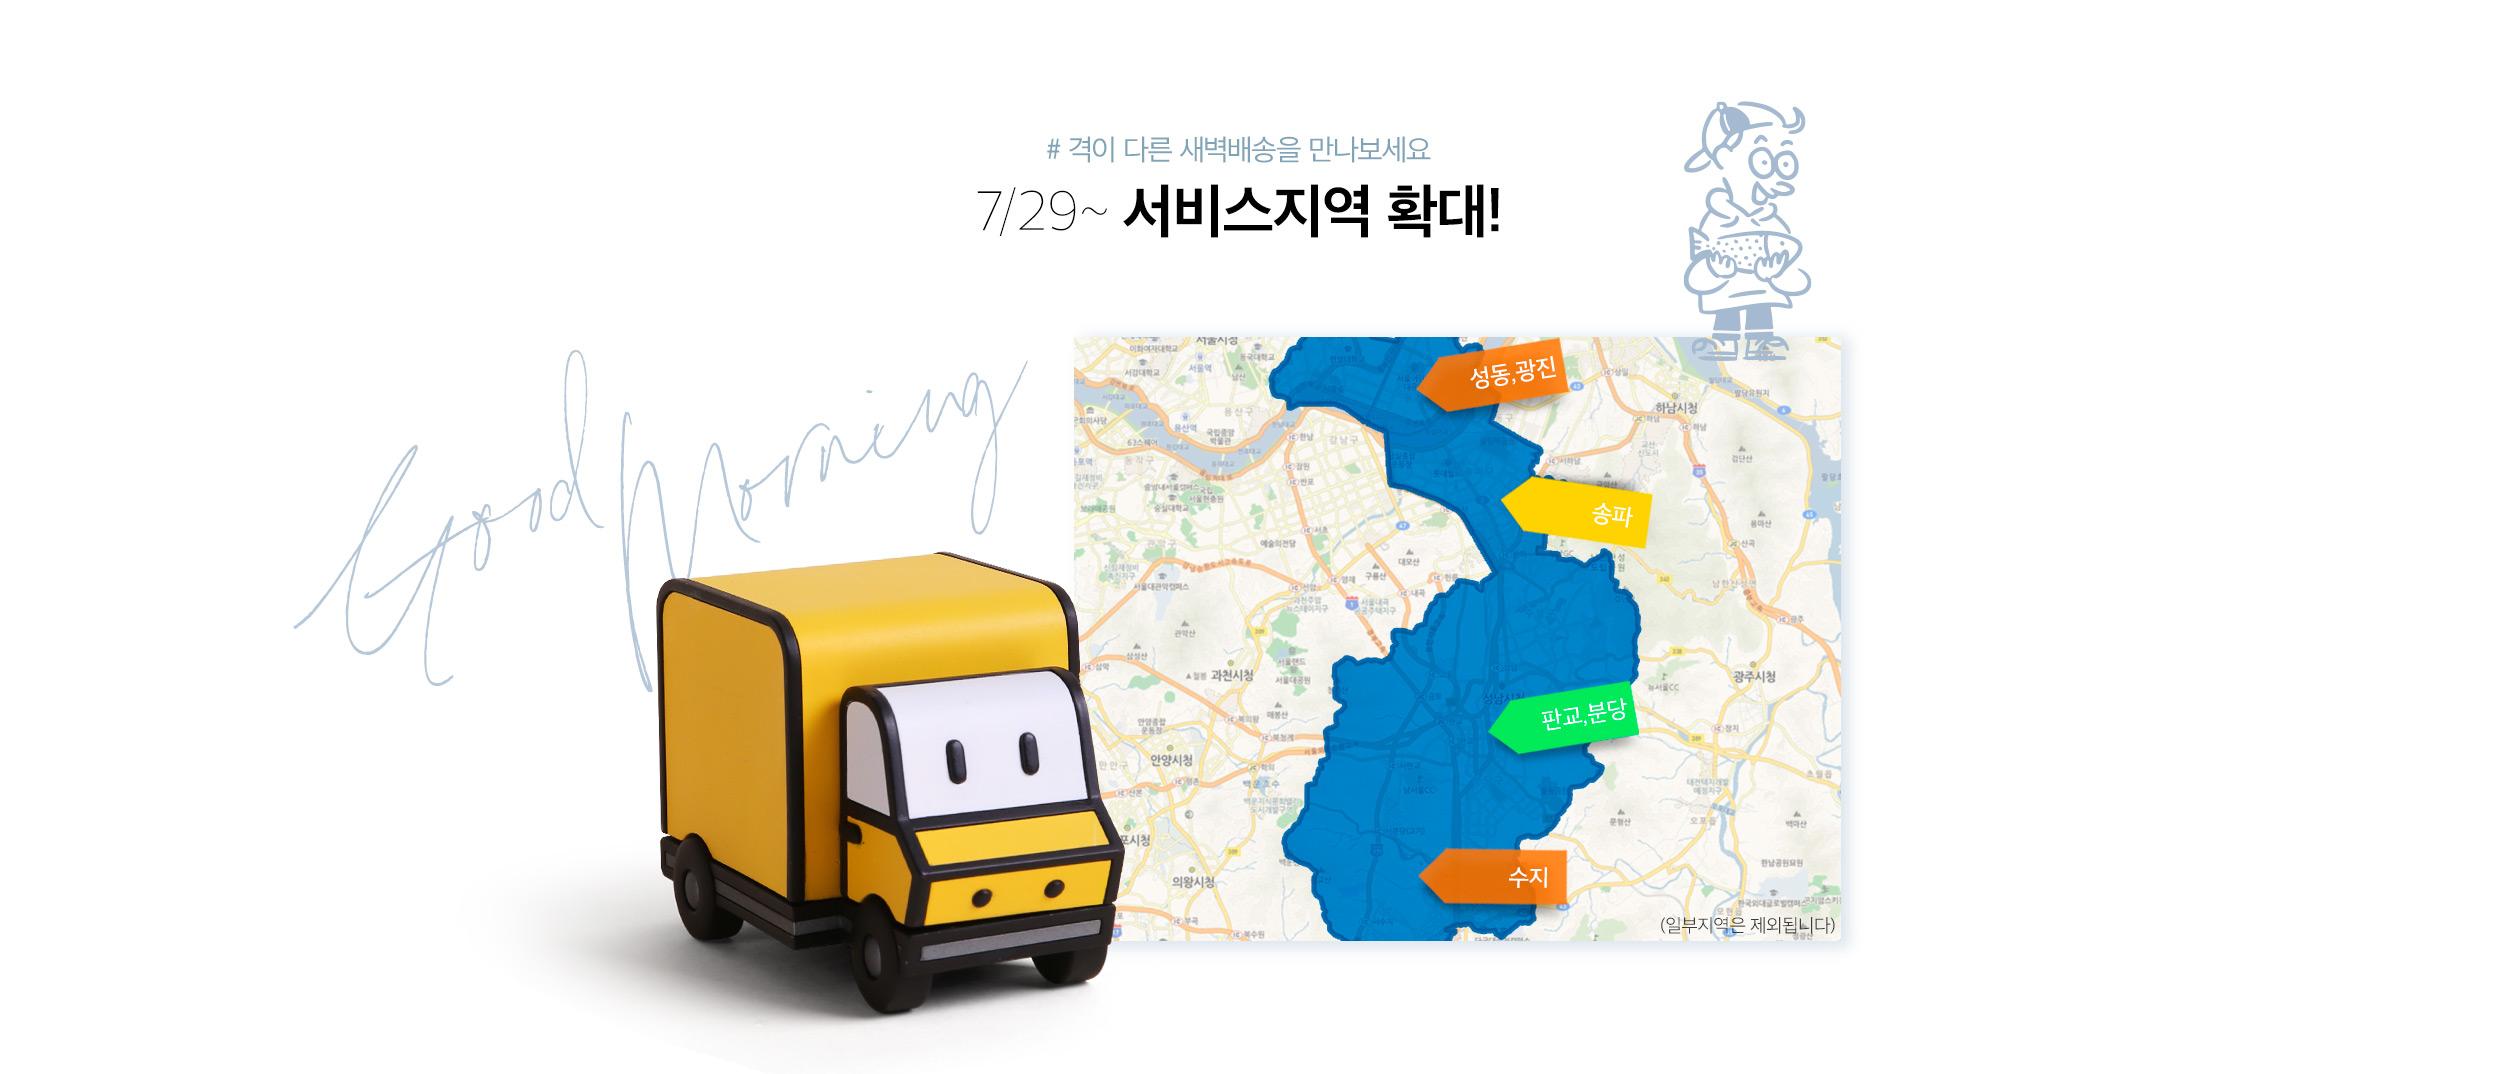 성동/광진, 송파, 판교/분당, 수지 지역 새벽배송 서비스 확대(일부 지역은 제외됩니다.)